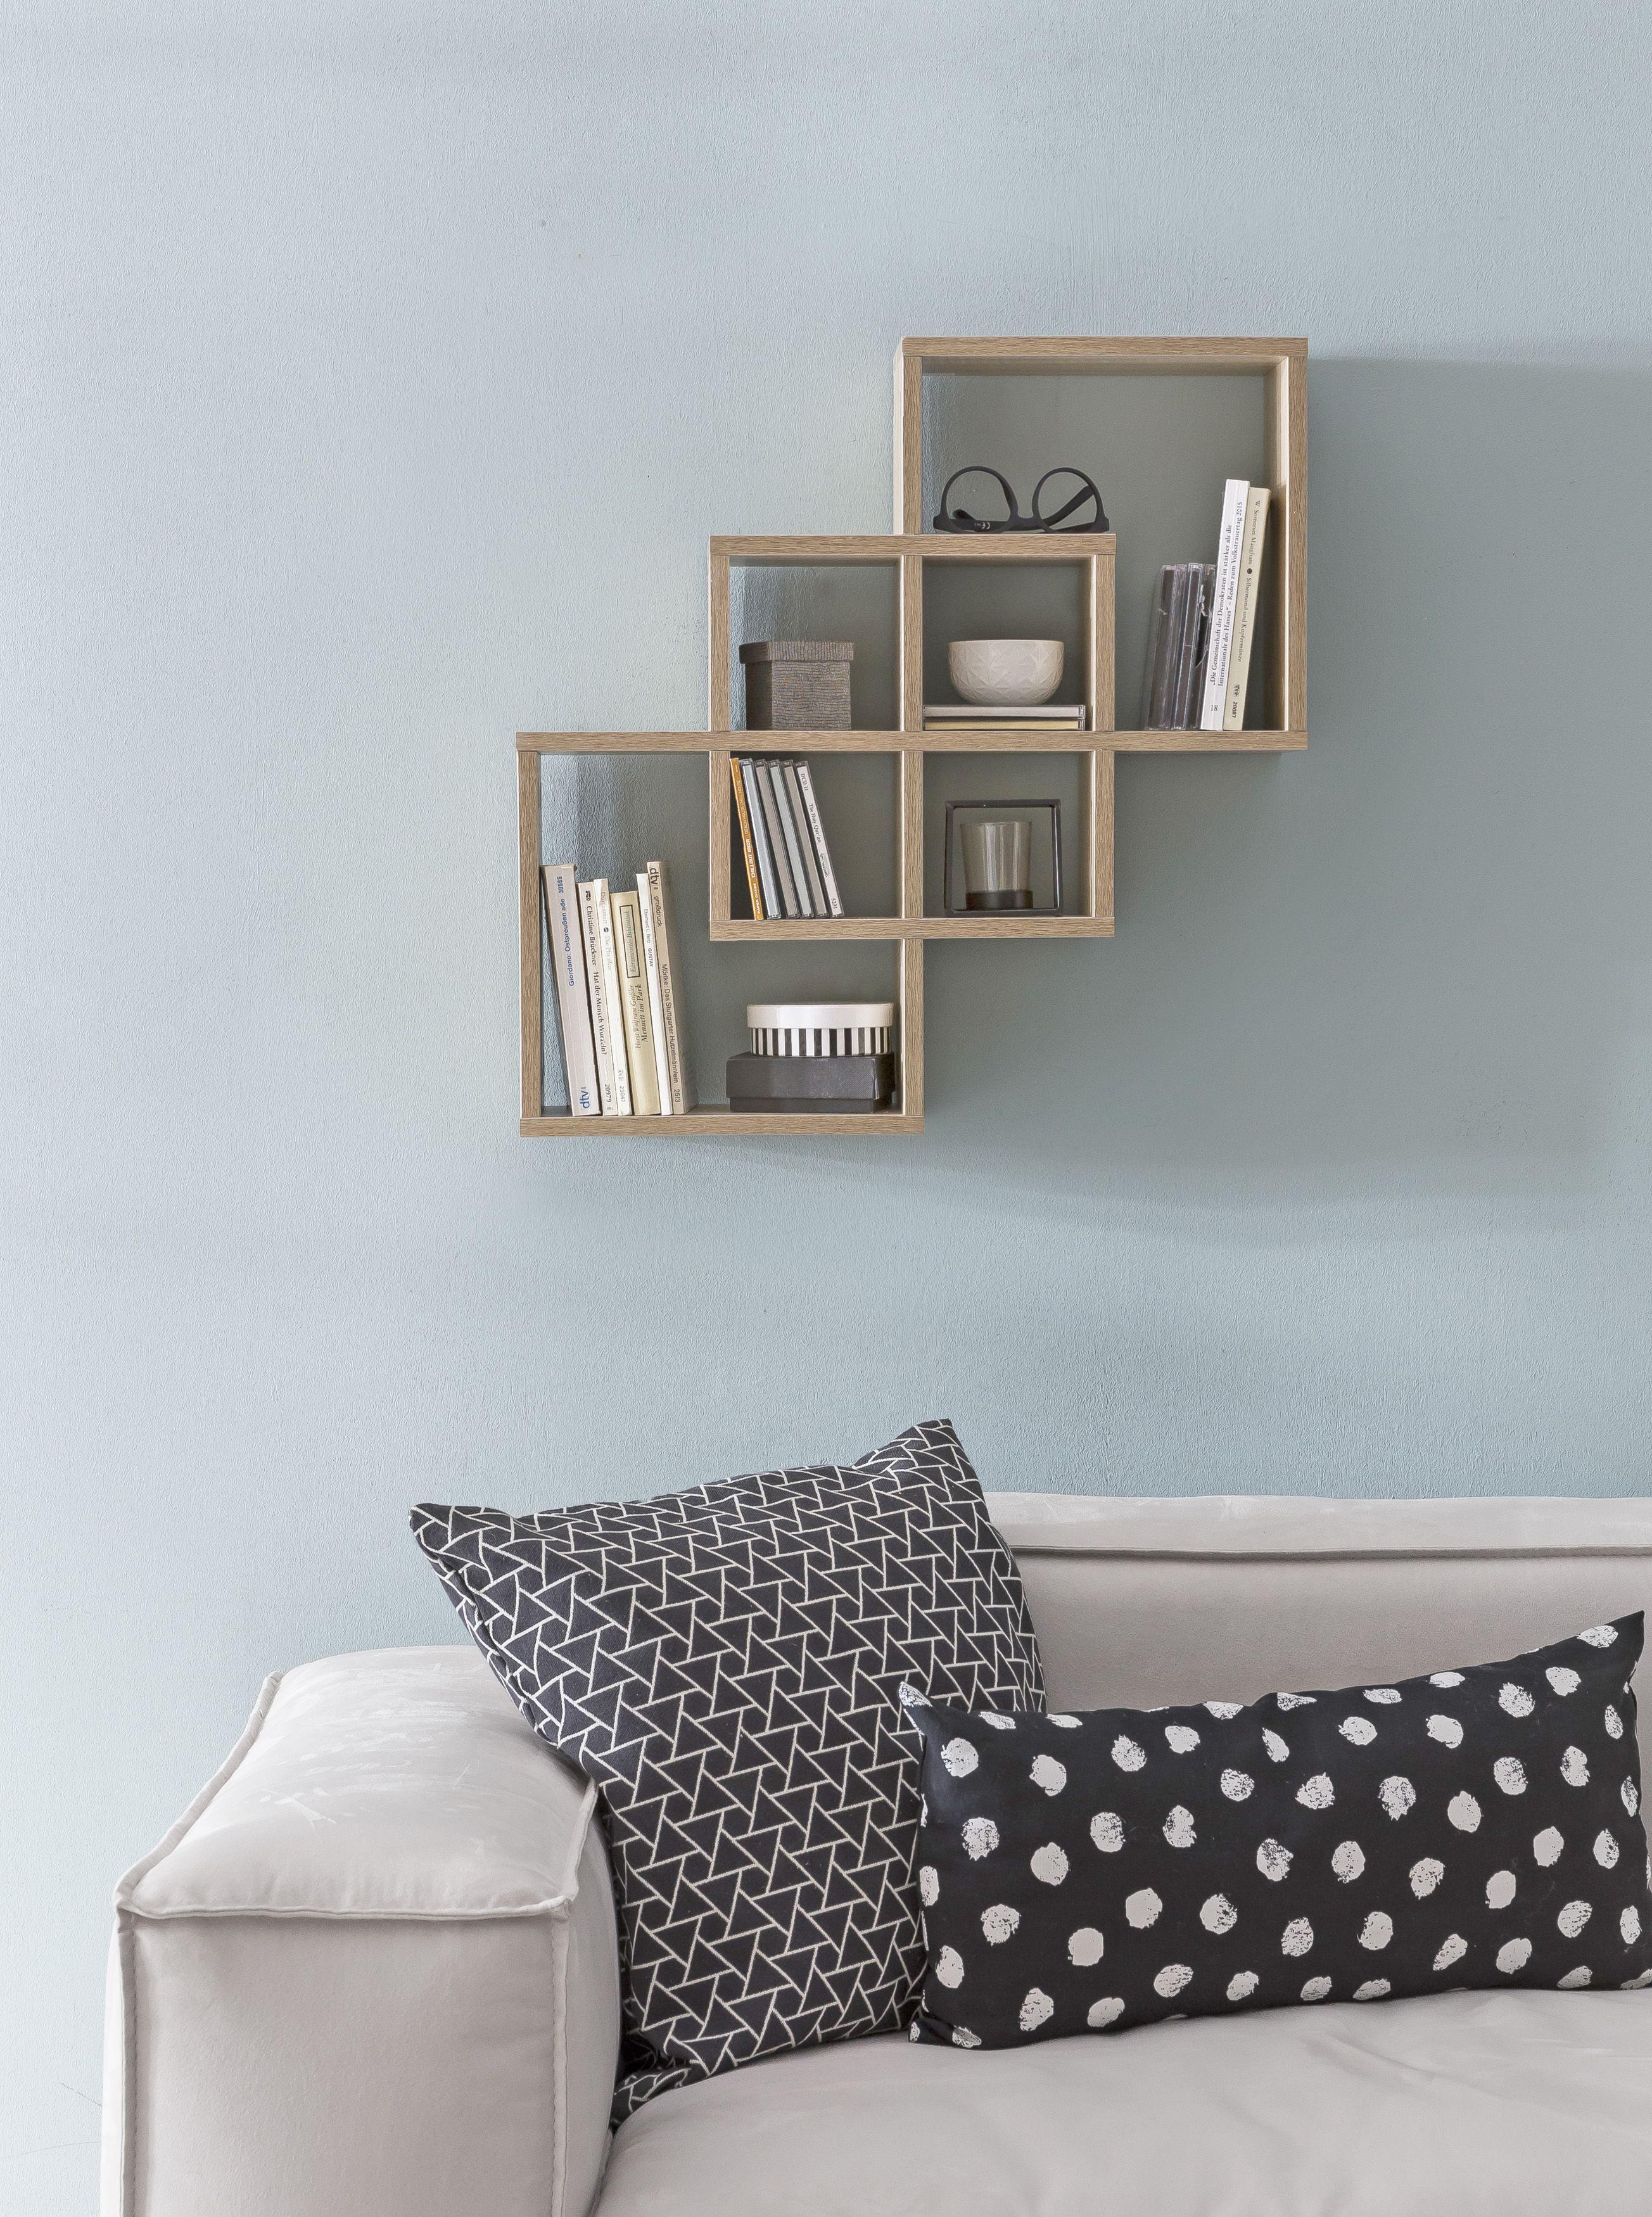 Hängeregal Wand Regal E Schwebend Quadrat Deko Wall Shelf